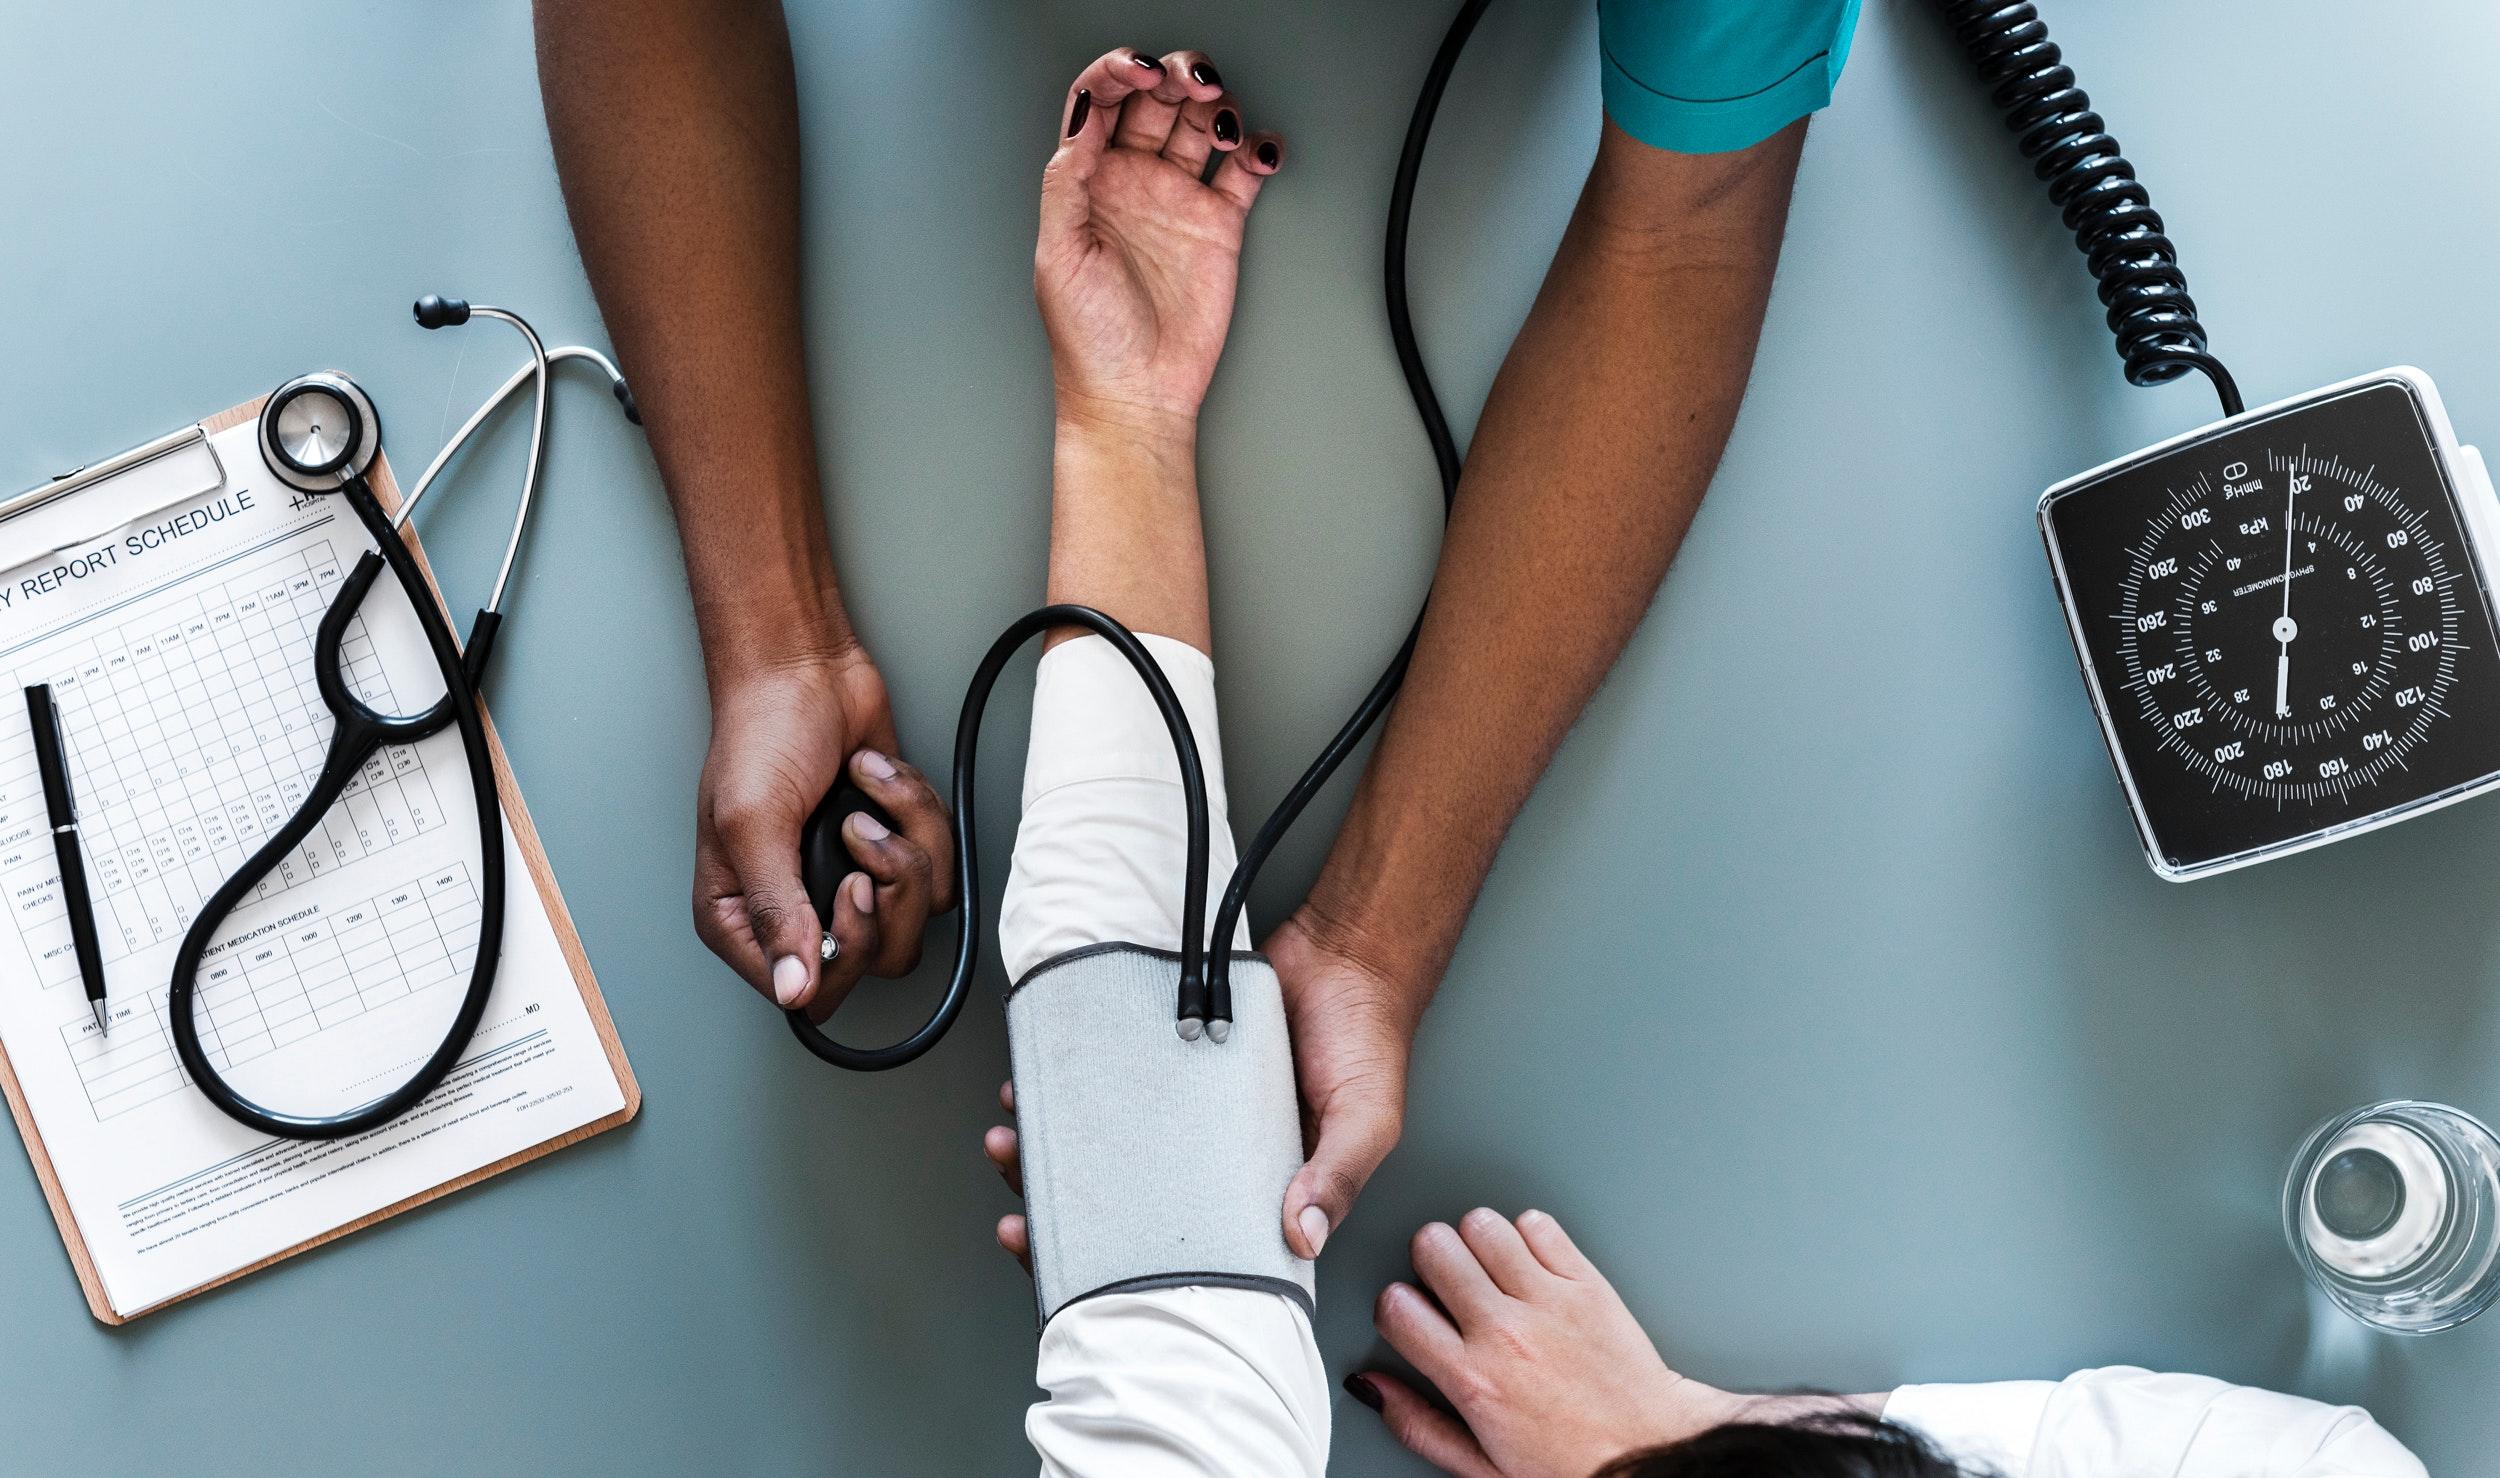 le tourisme médical représenterait un volume de 30 millions d'euros par an, dans le monde- Pexels